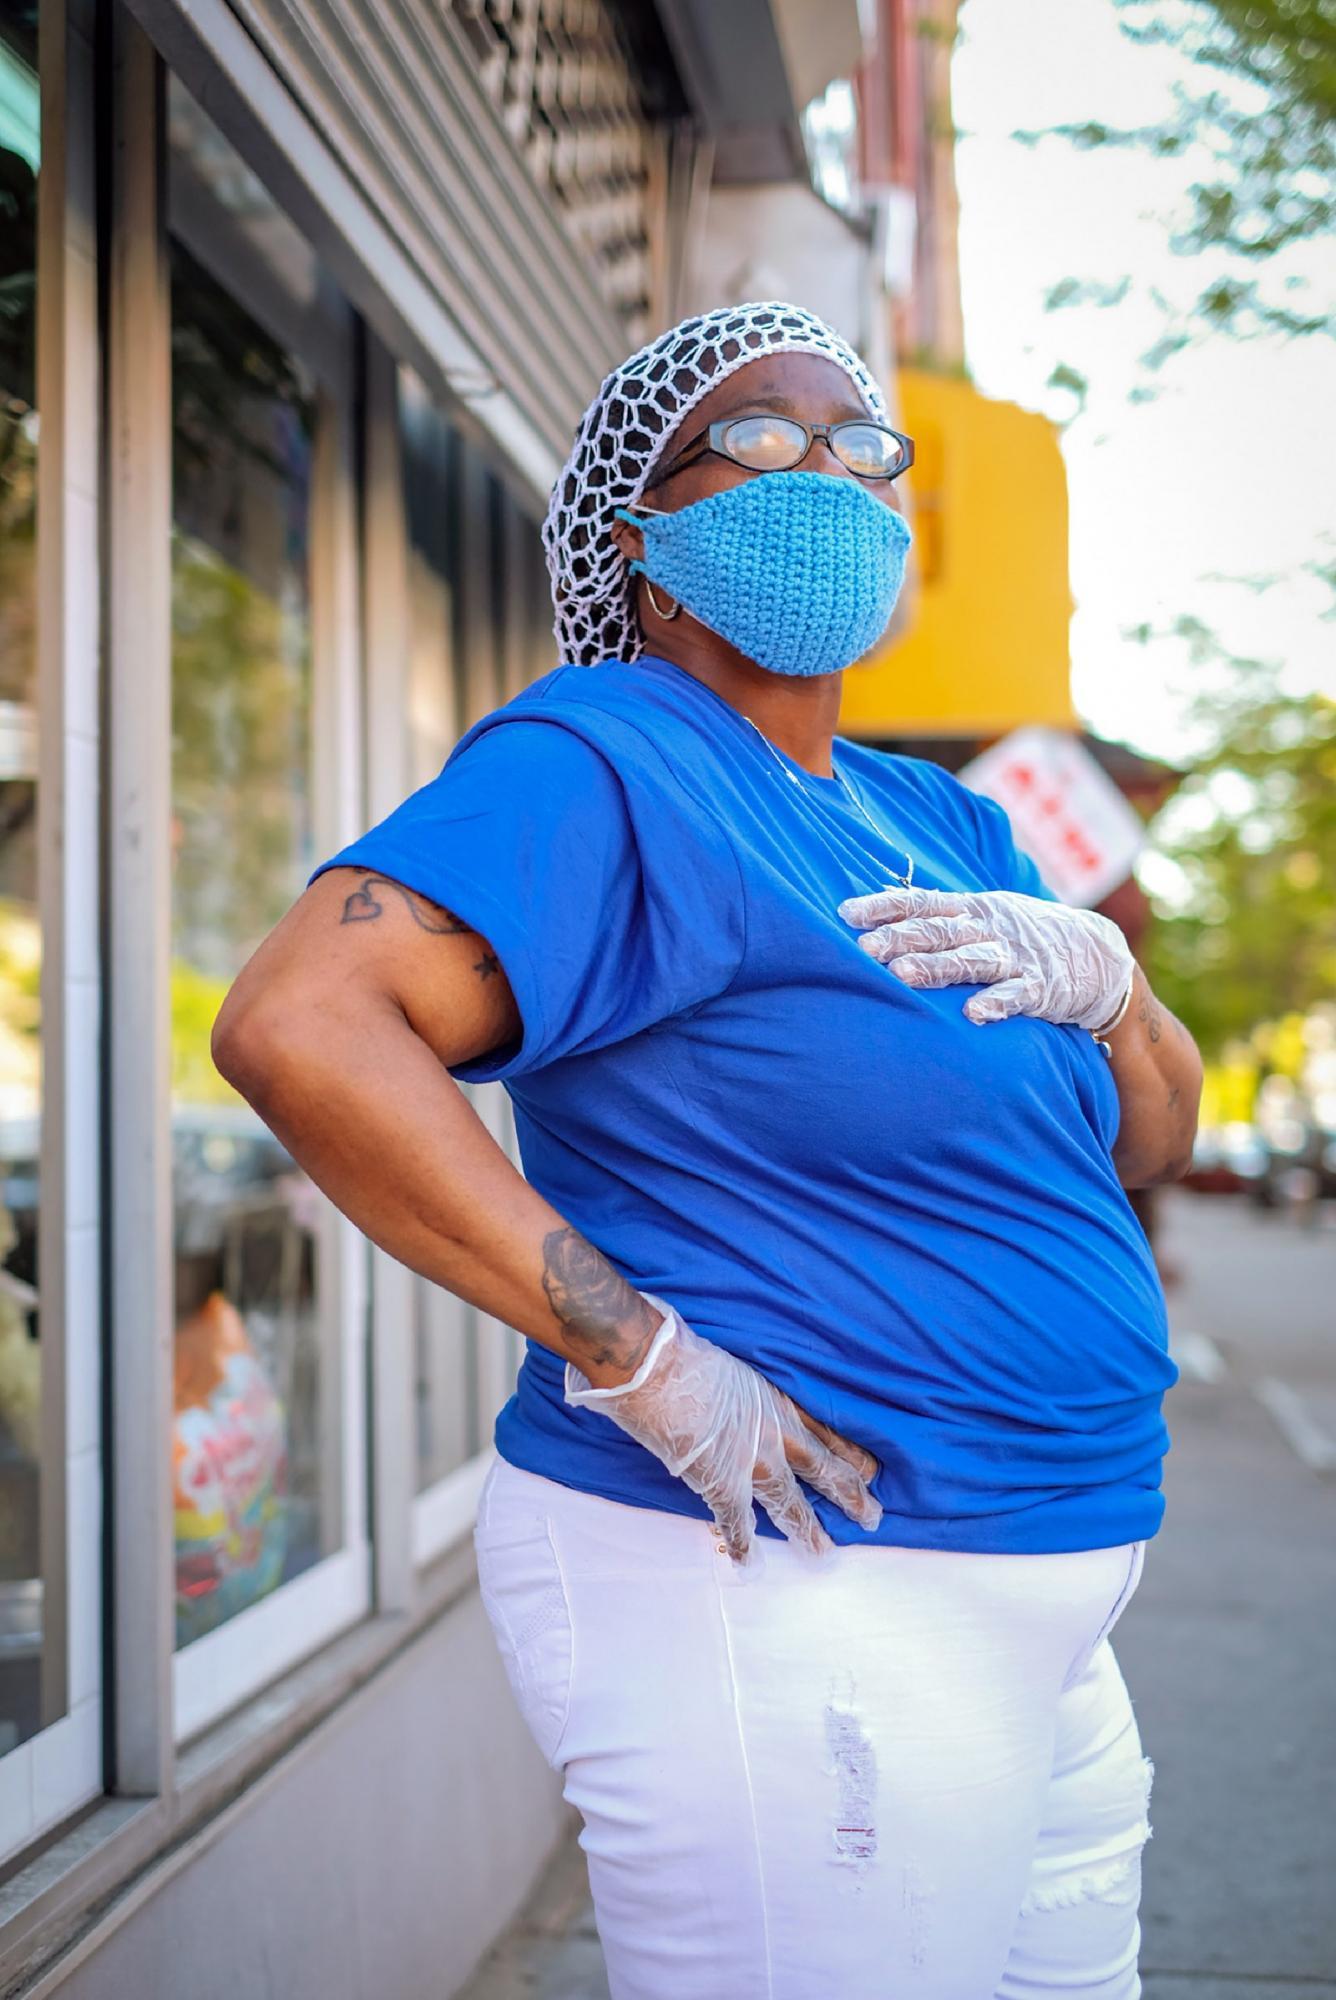 Незвичайні маски жителів Нью-Йорка